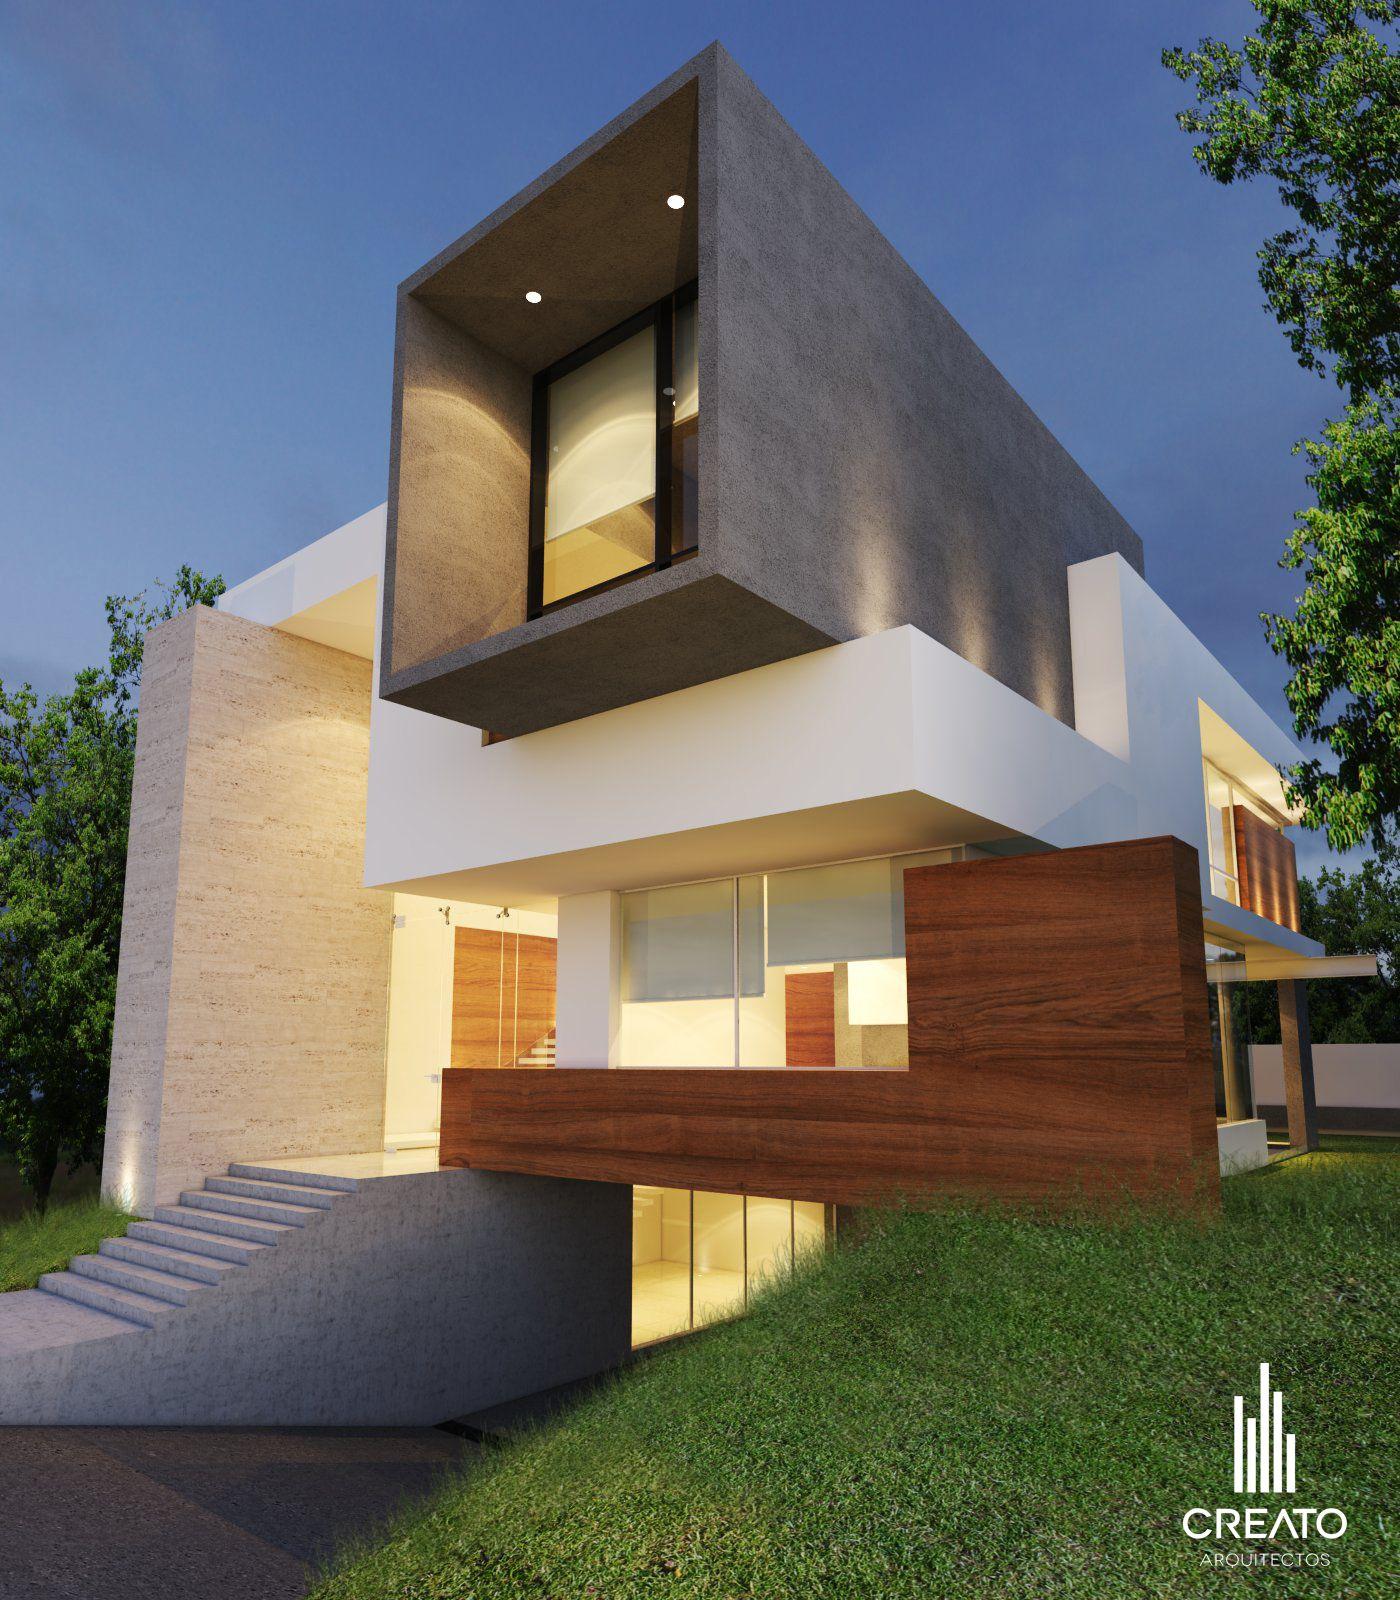 Conozcamos este hogar mexicano y su dise o vibrante y original arquitectos fachadas y casas - Arquitectos casas modernas ...